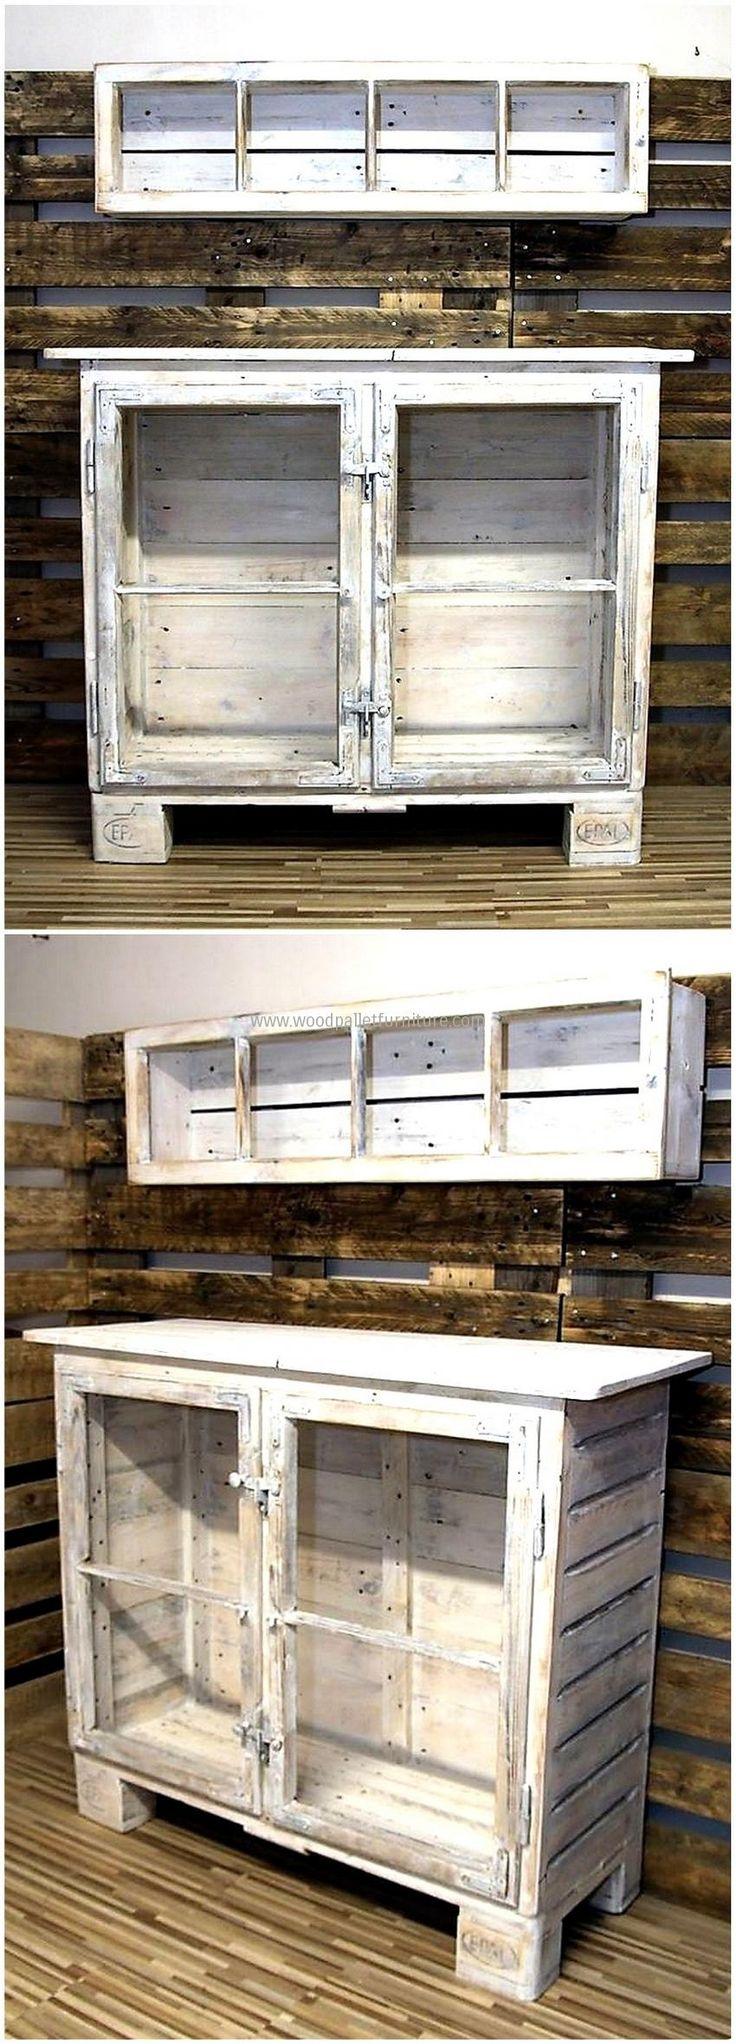 857 best a pallet furniture images on pinterest for Pallet kitchen